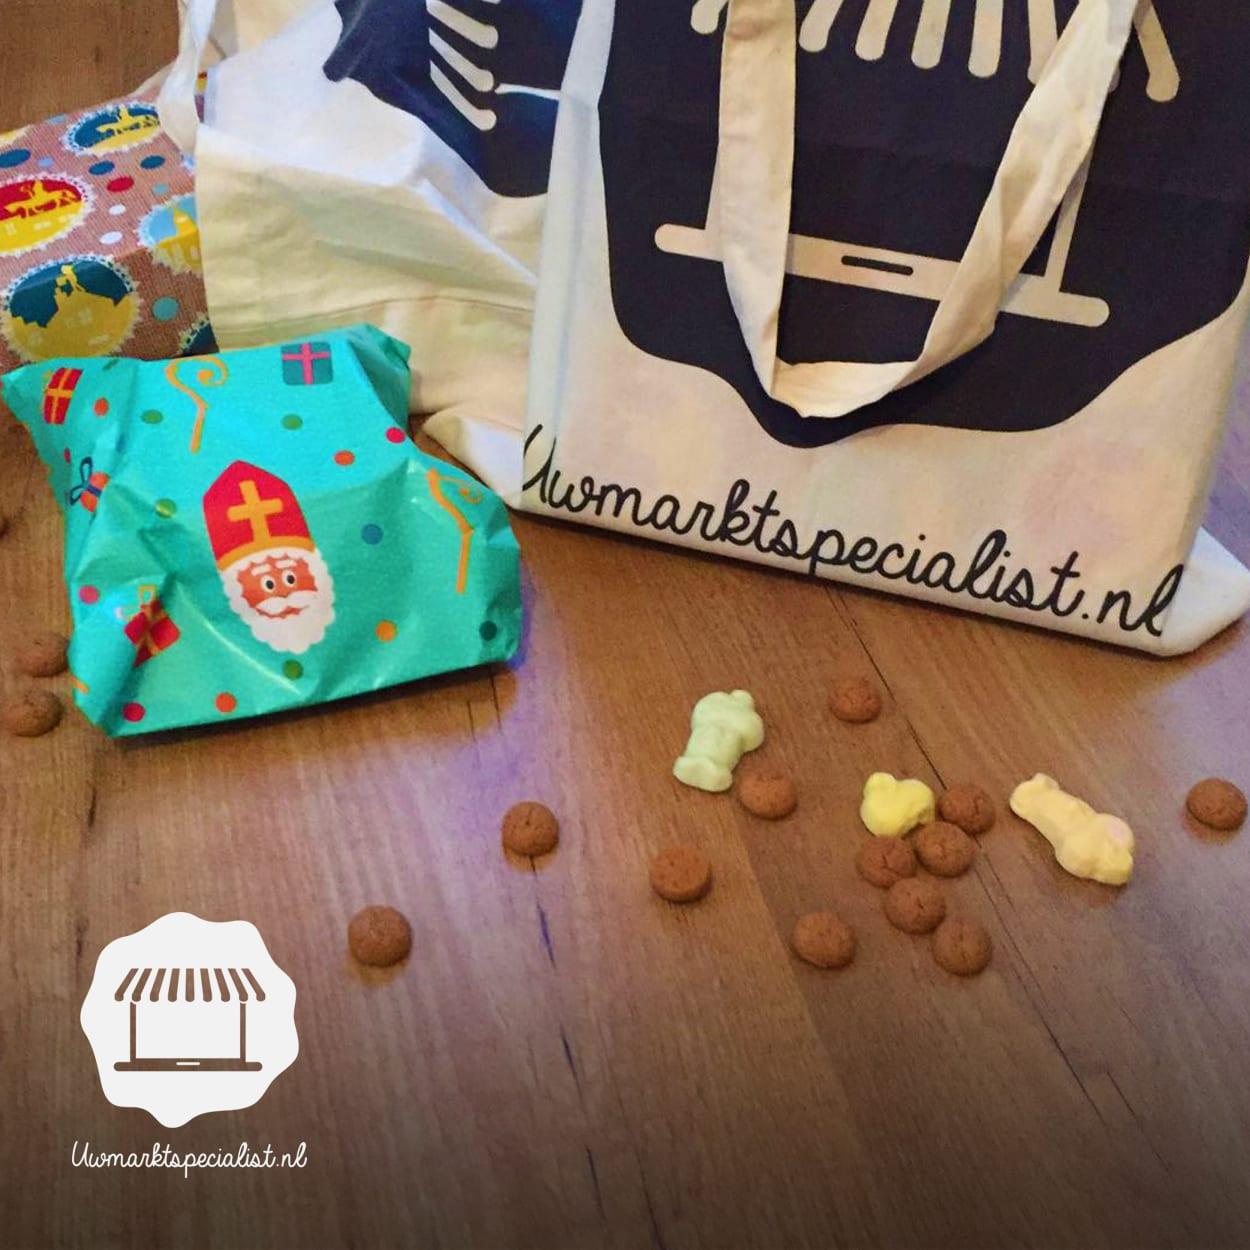 Kleurplaten Baby Spullen.Kleurplaat Uitreiking Zaterdagmarkt 2 December Almere Stad Uw